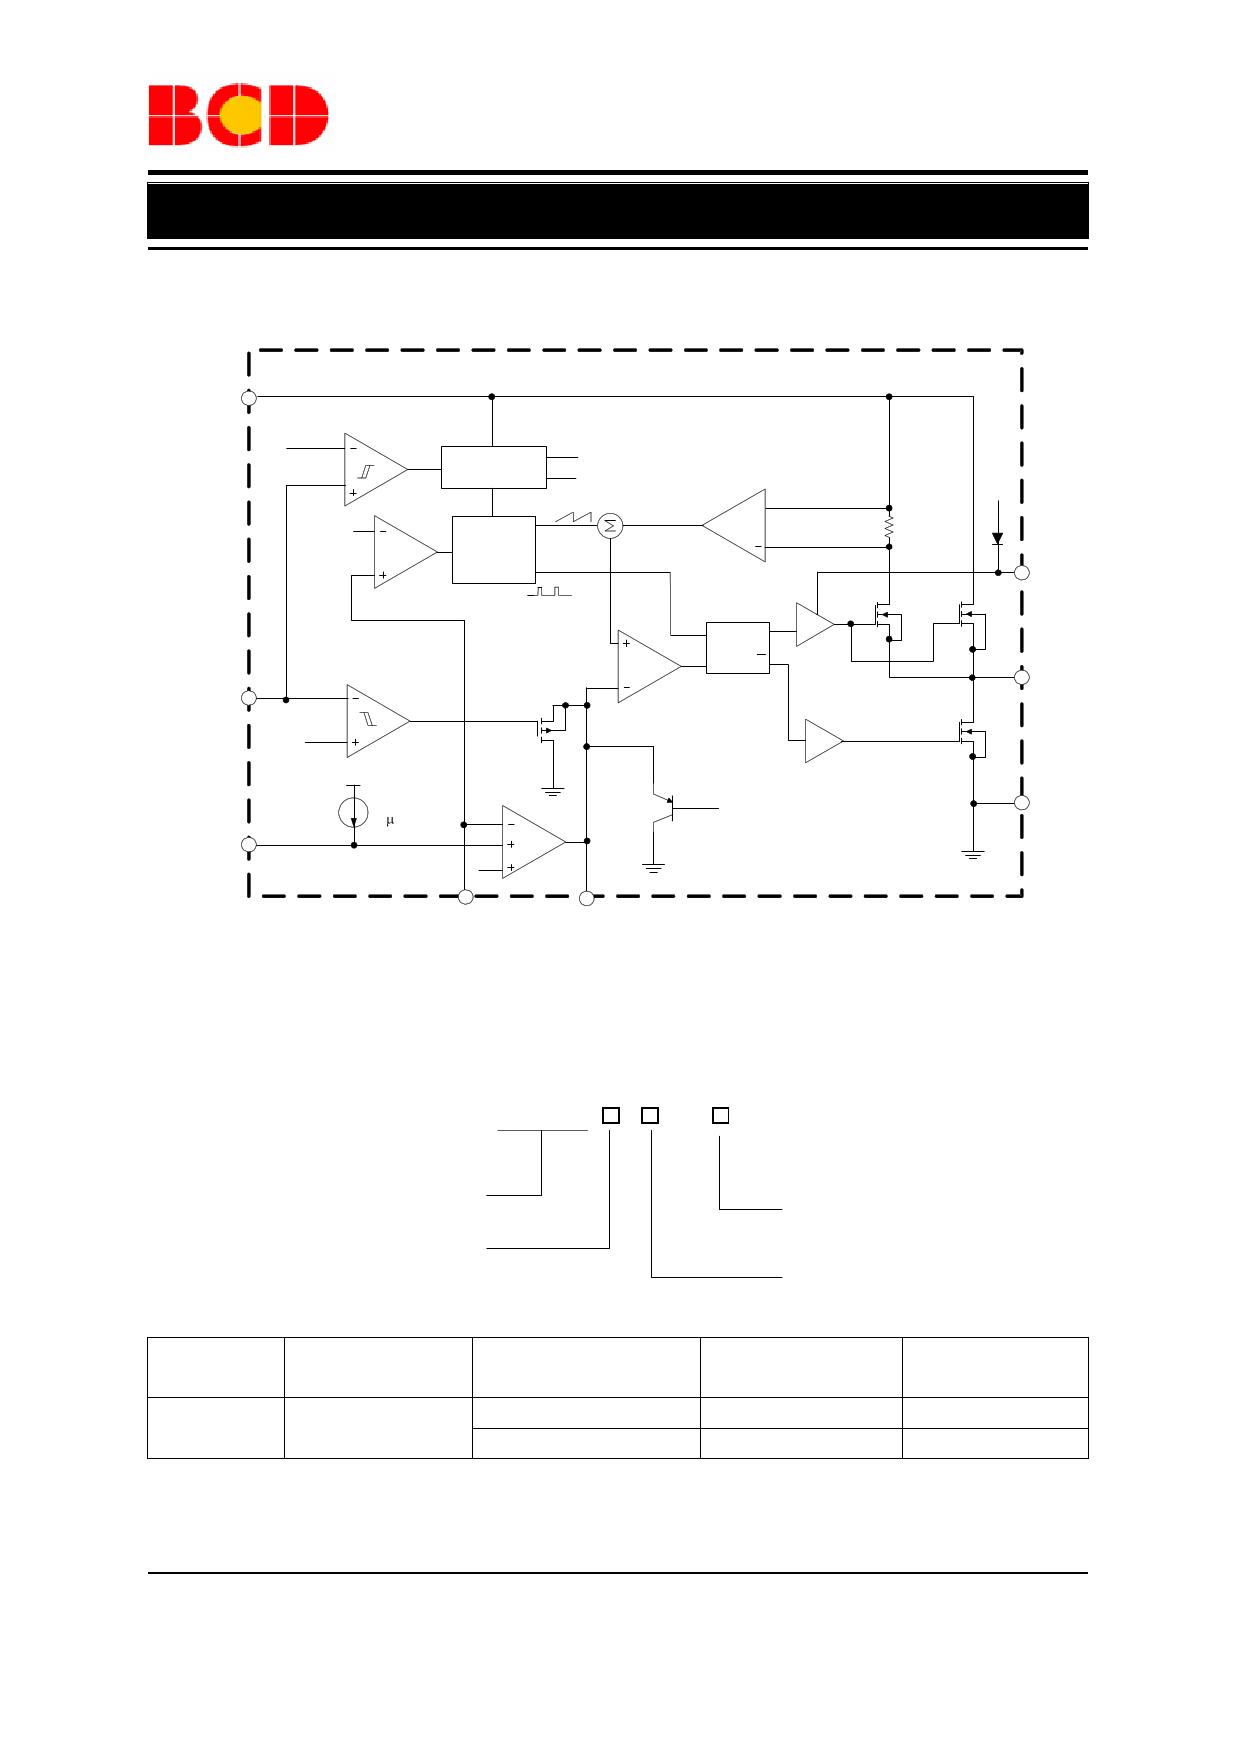 AP3502F pdf, 電子部品, 半導体, ピン配列